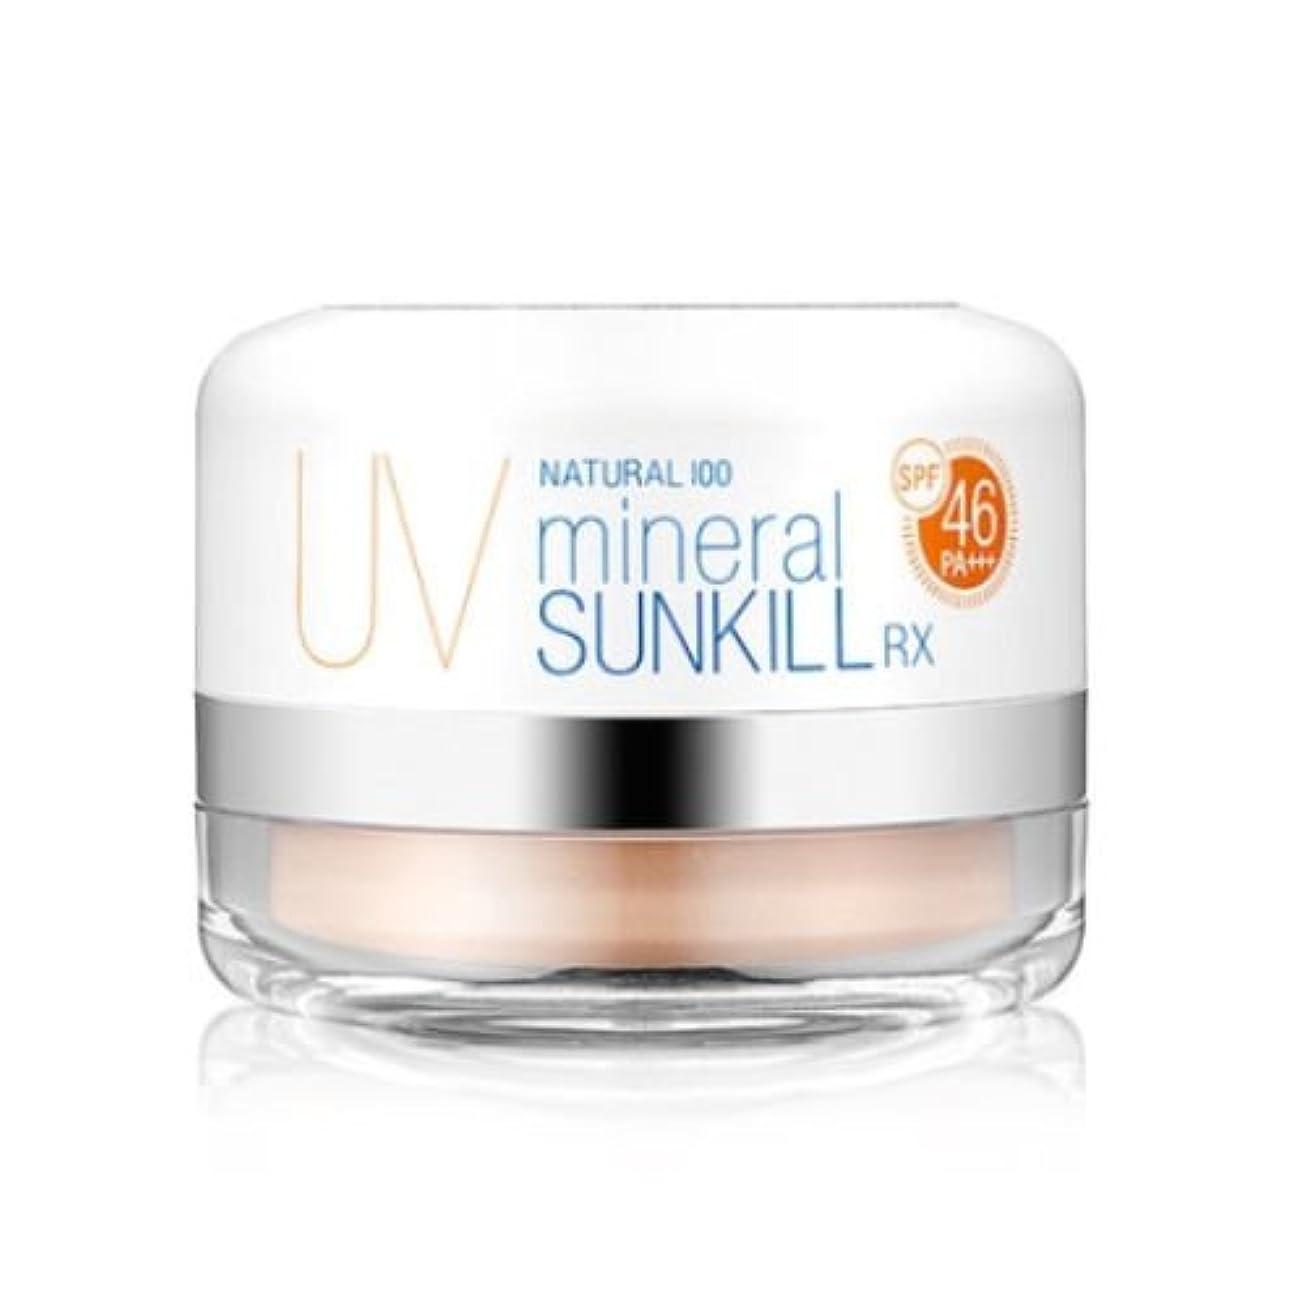 仕方サスペンド震えるカトリン[Catrin]Natural 100% Mineral Powder Sunkill RX Natural 100 Mineral Sunkill RX UV Powder ナチュラル100ミネラルソンキルRX...